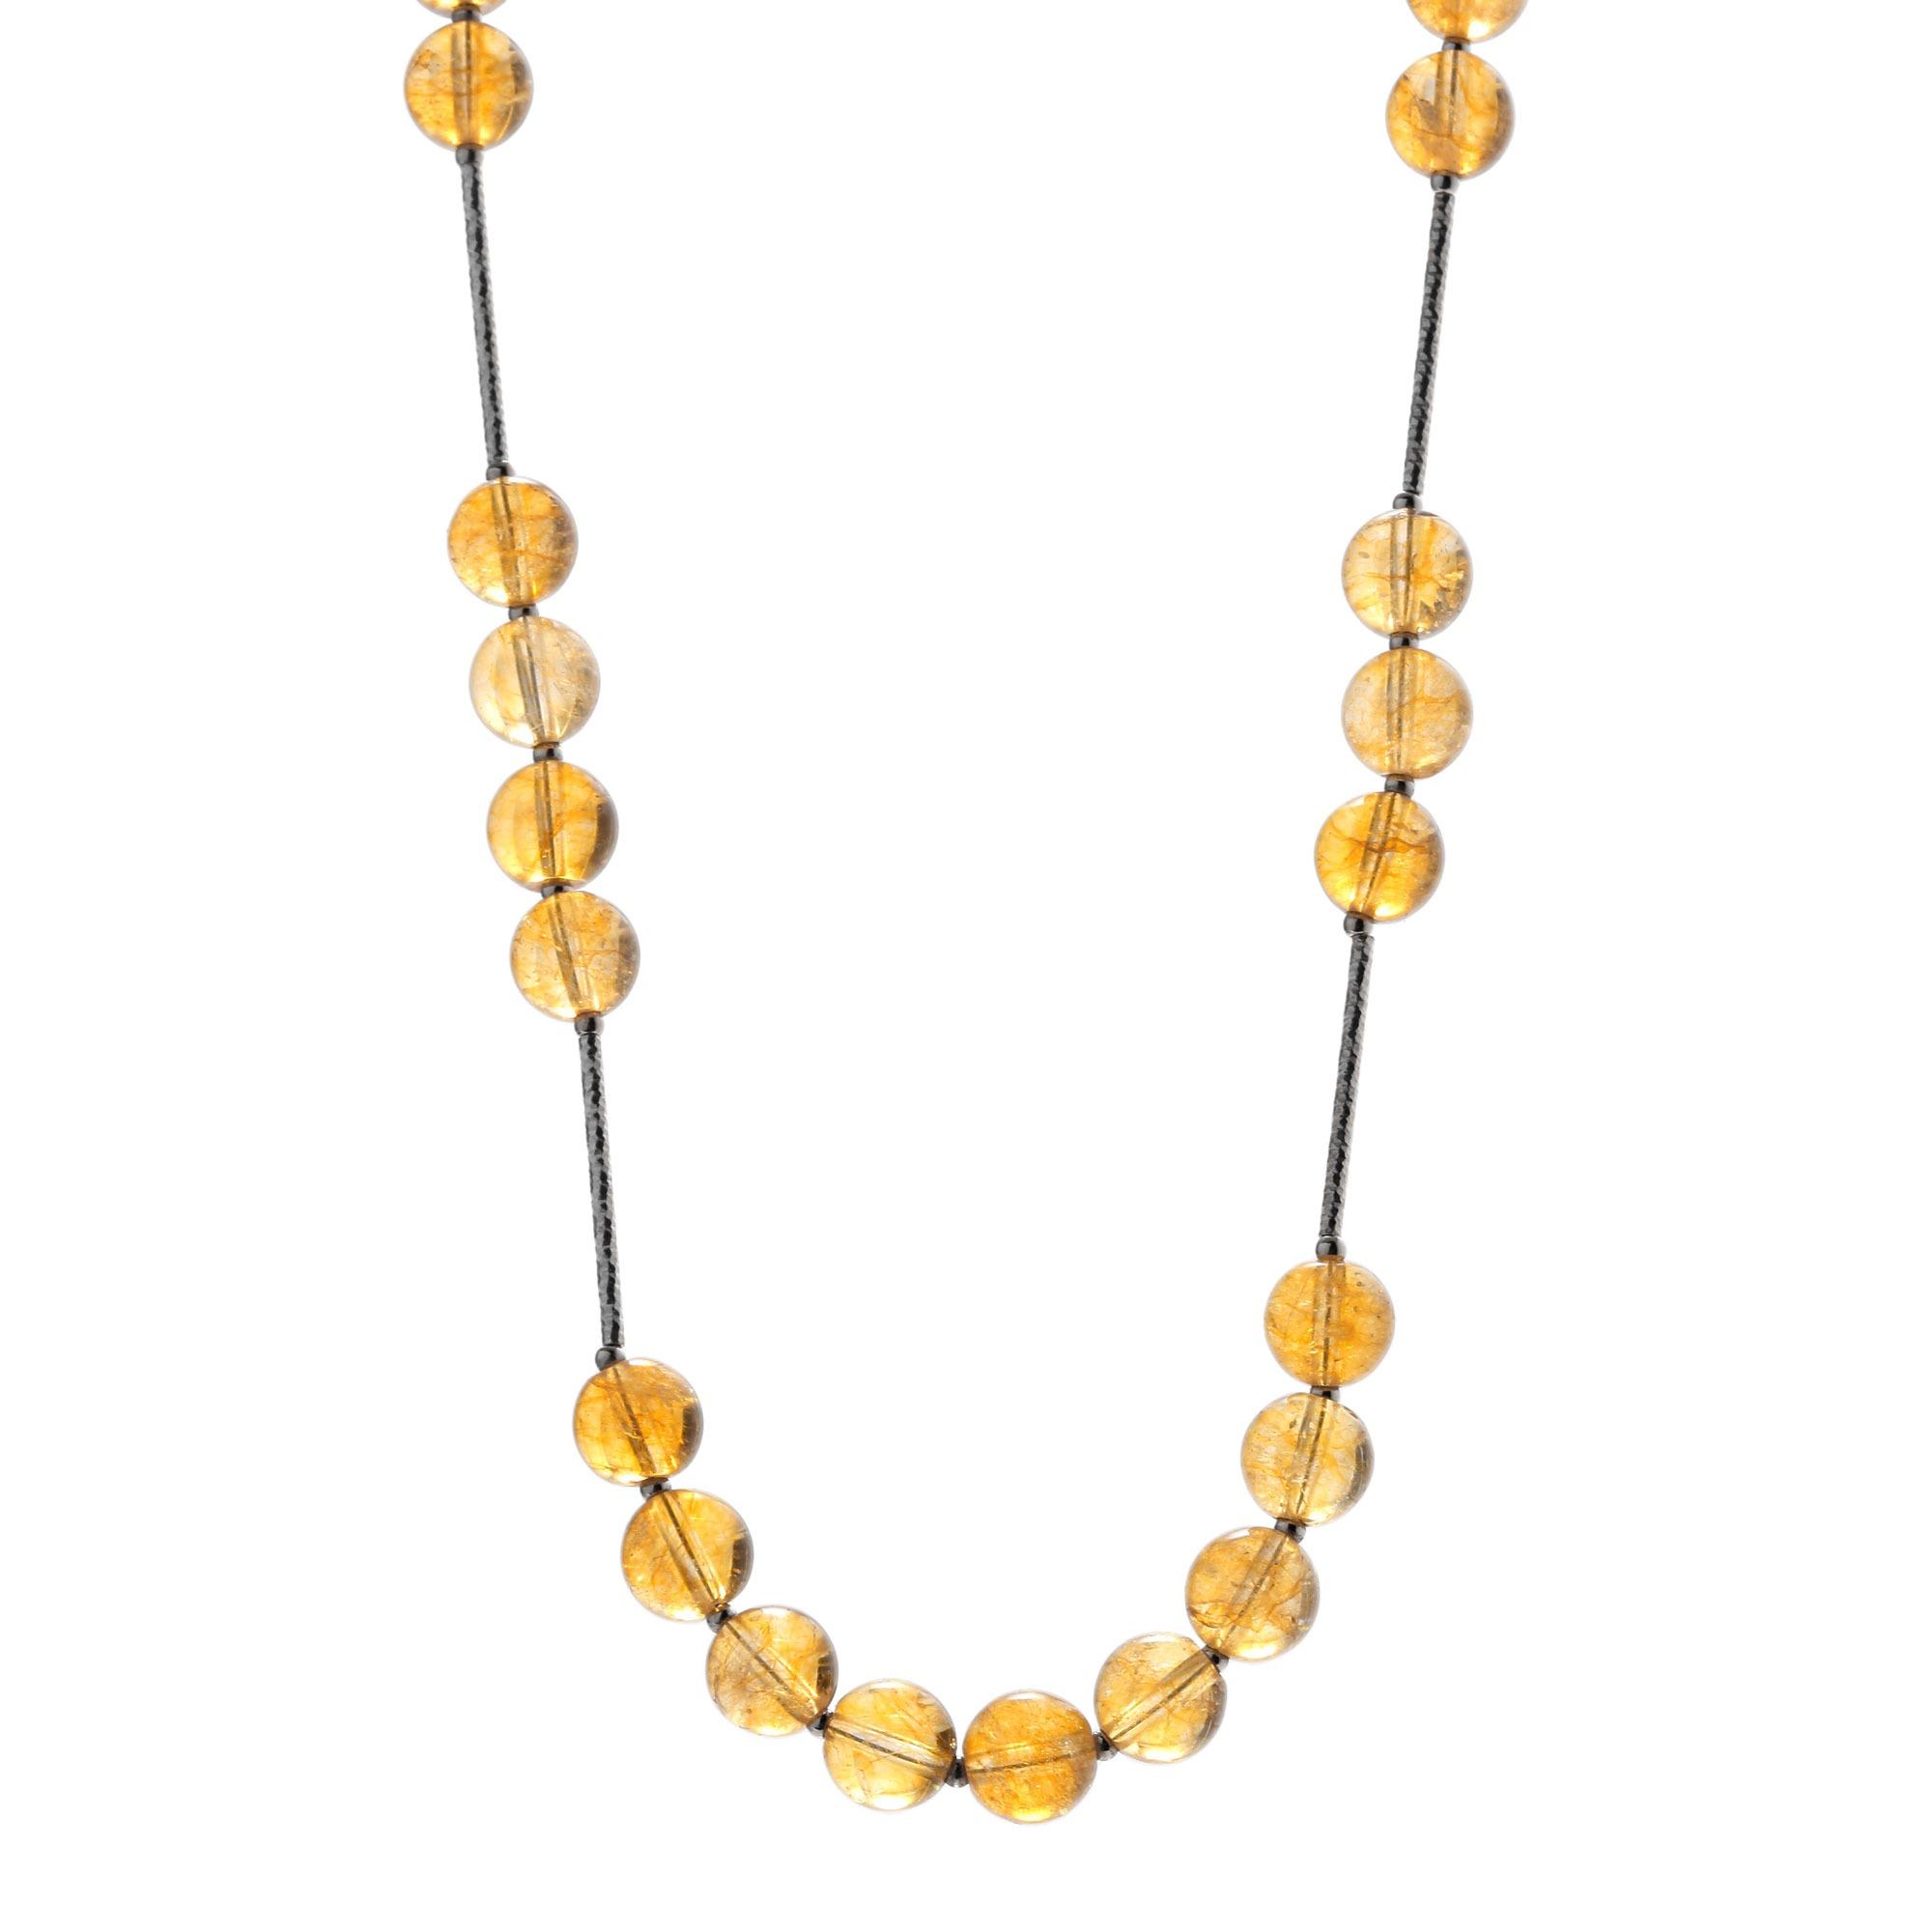 天然黄水晶配石榴石银制项链